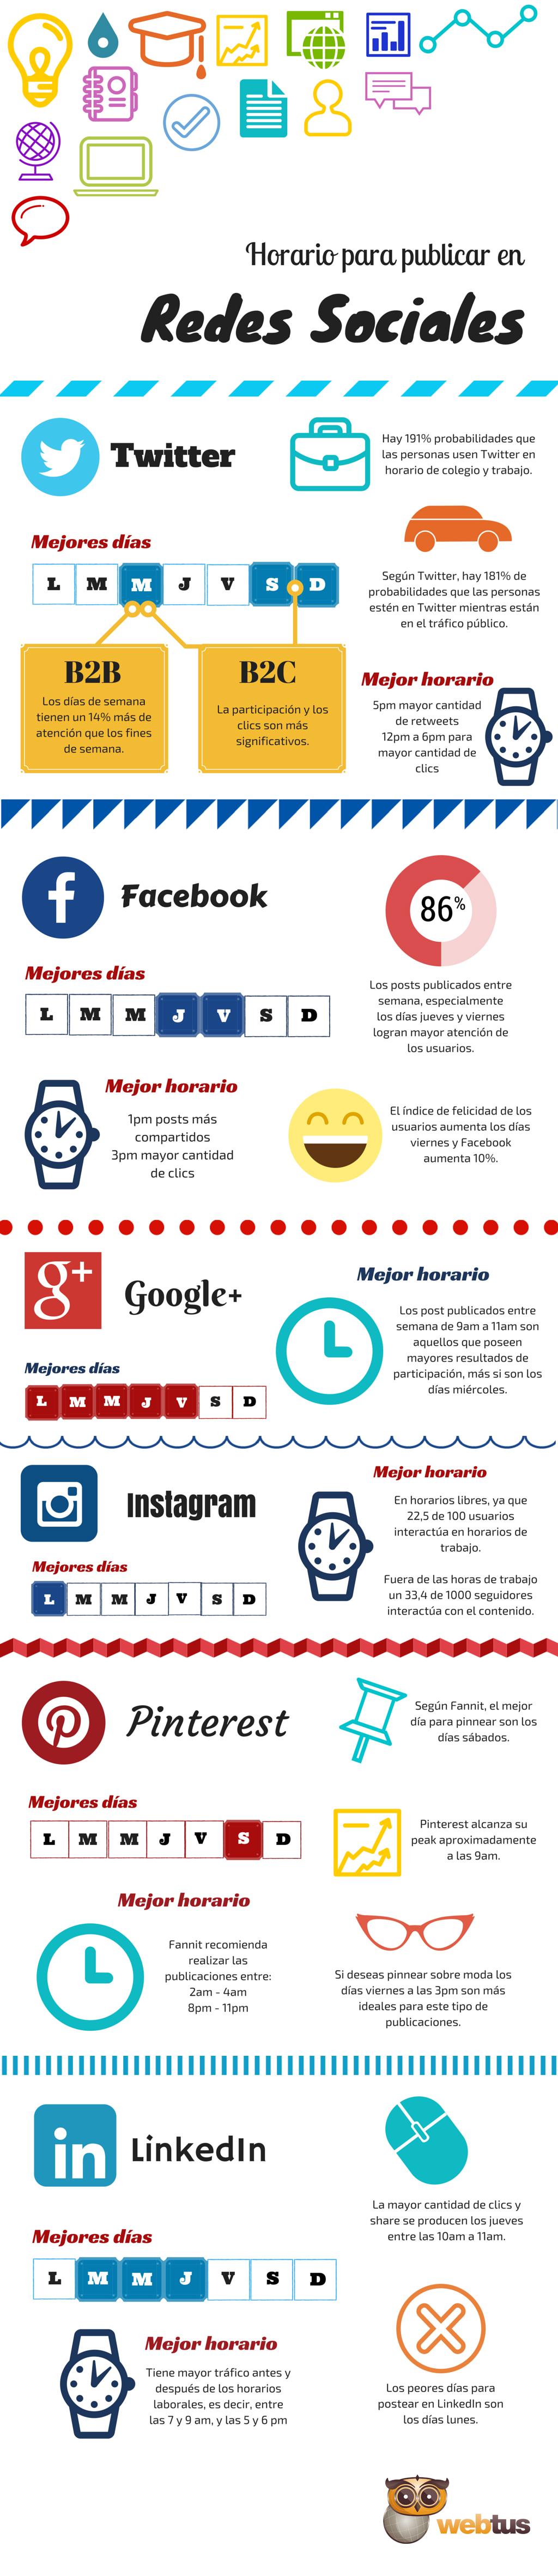 Horario-para-publicar-en-Redes-Sociales